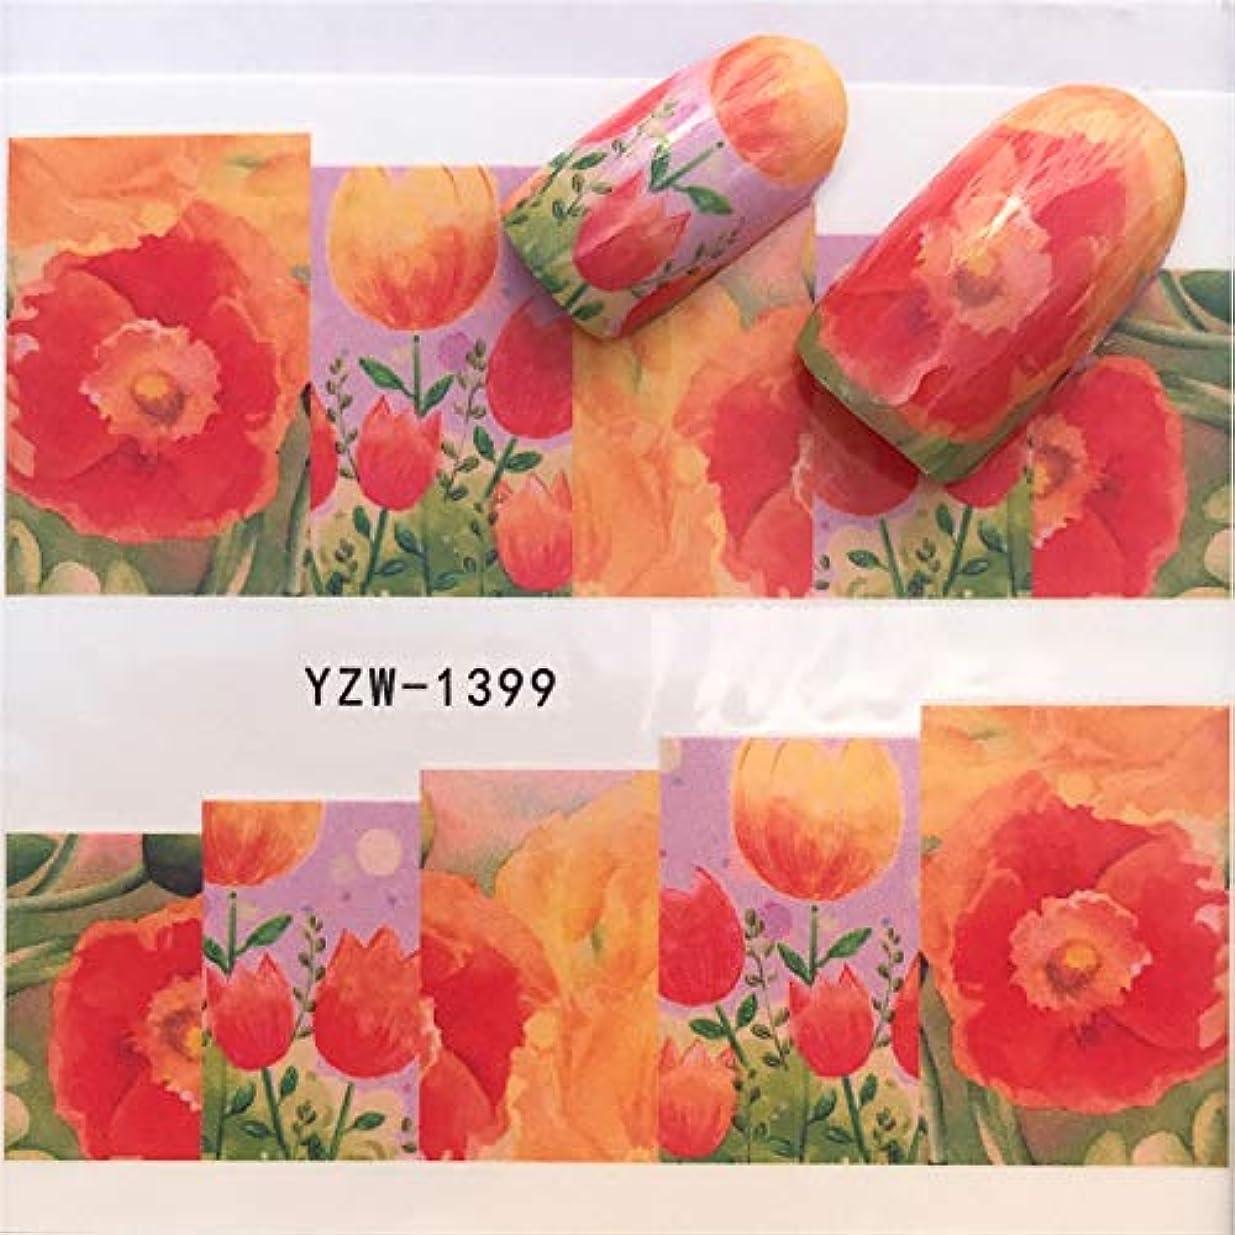 手足ビューティーケア 3ピースネイルステッカーセットデカール水転写スライダーネイルアートデコレーション、色:YZW1399